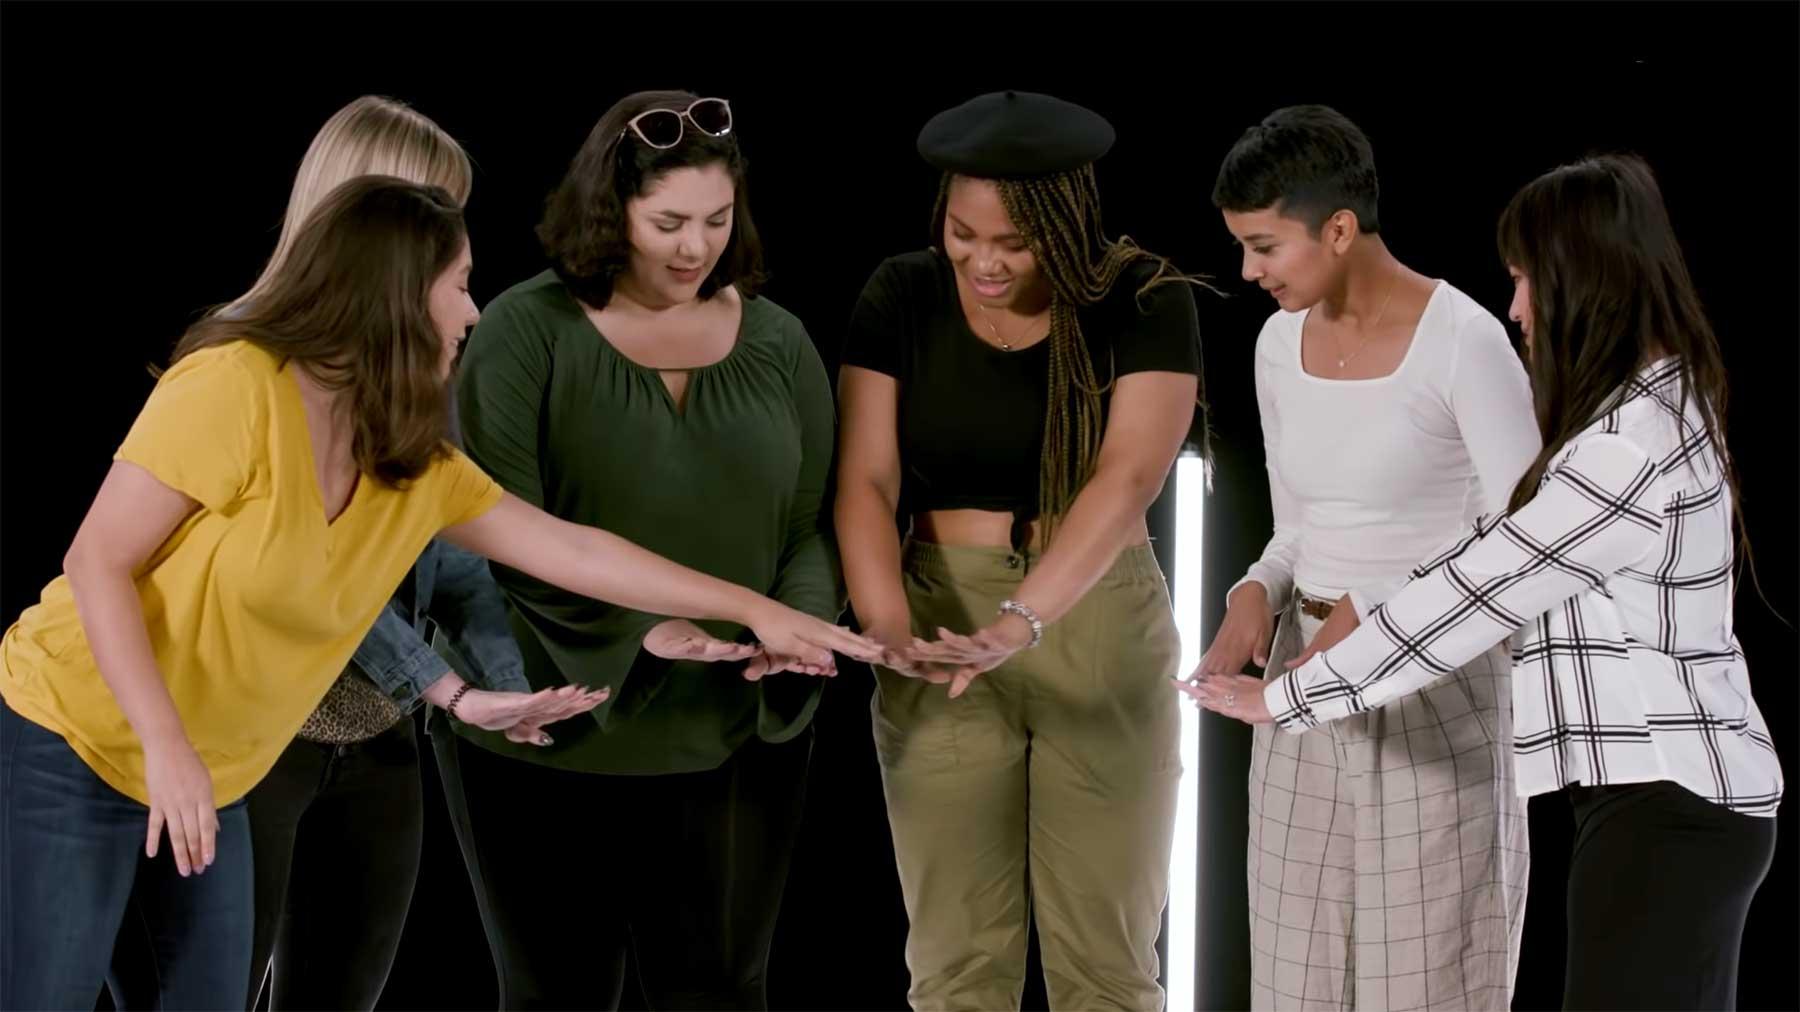 Wer ist die geheime Homosexuelle unter diesen 7 angeblichen Hetero-Frauen? wer-ist-lesbisch